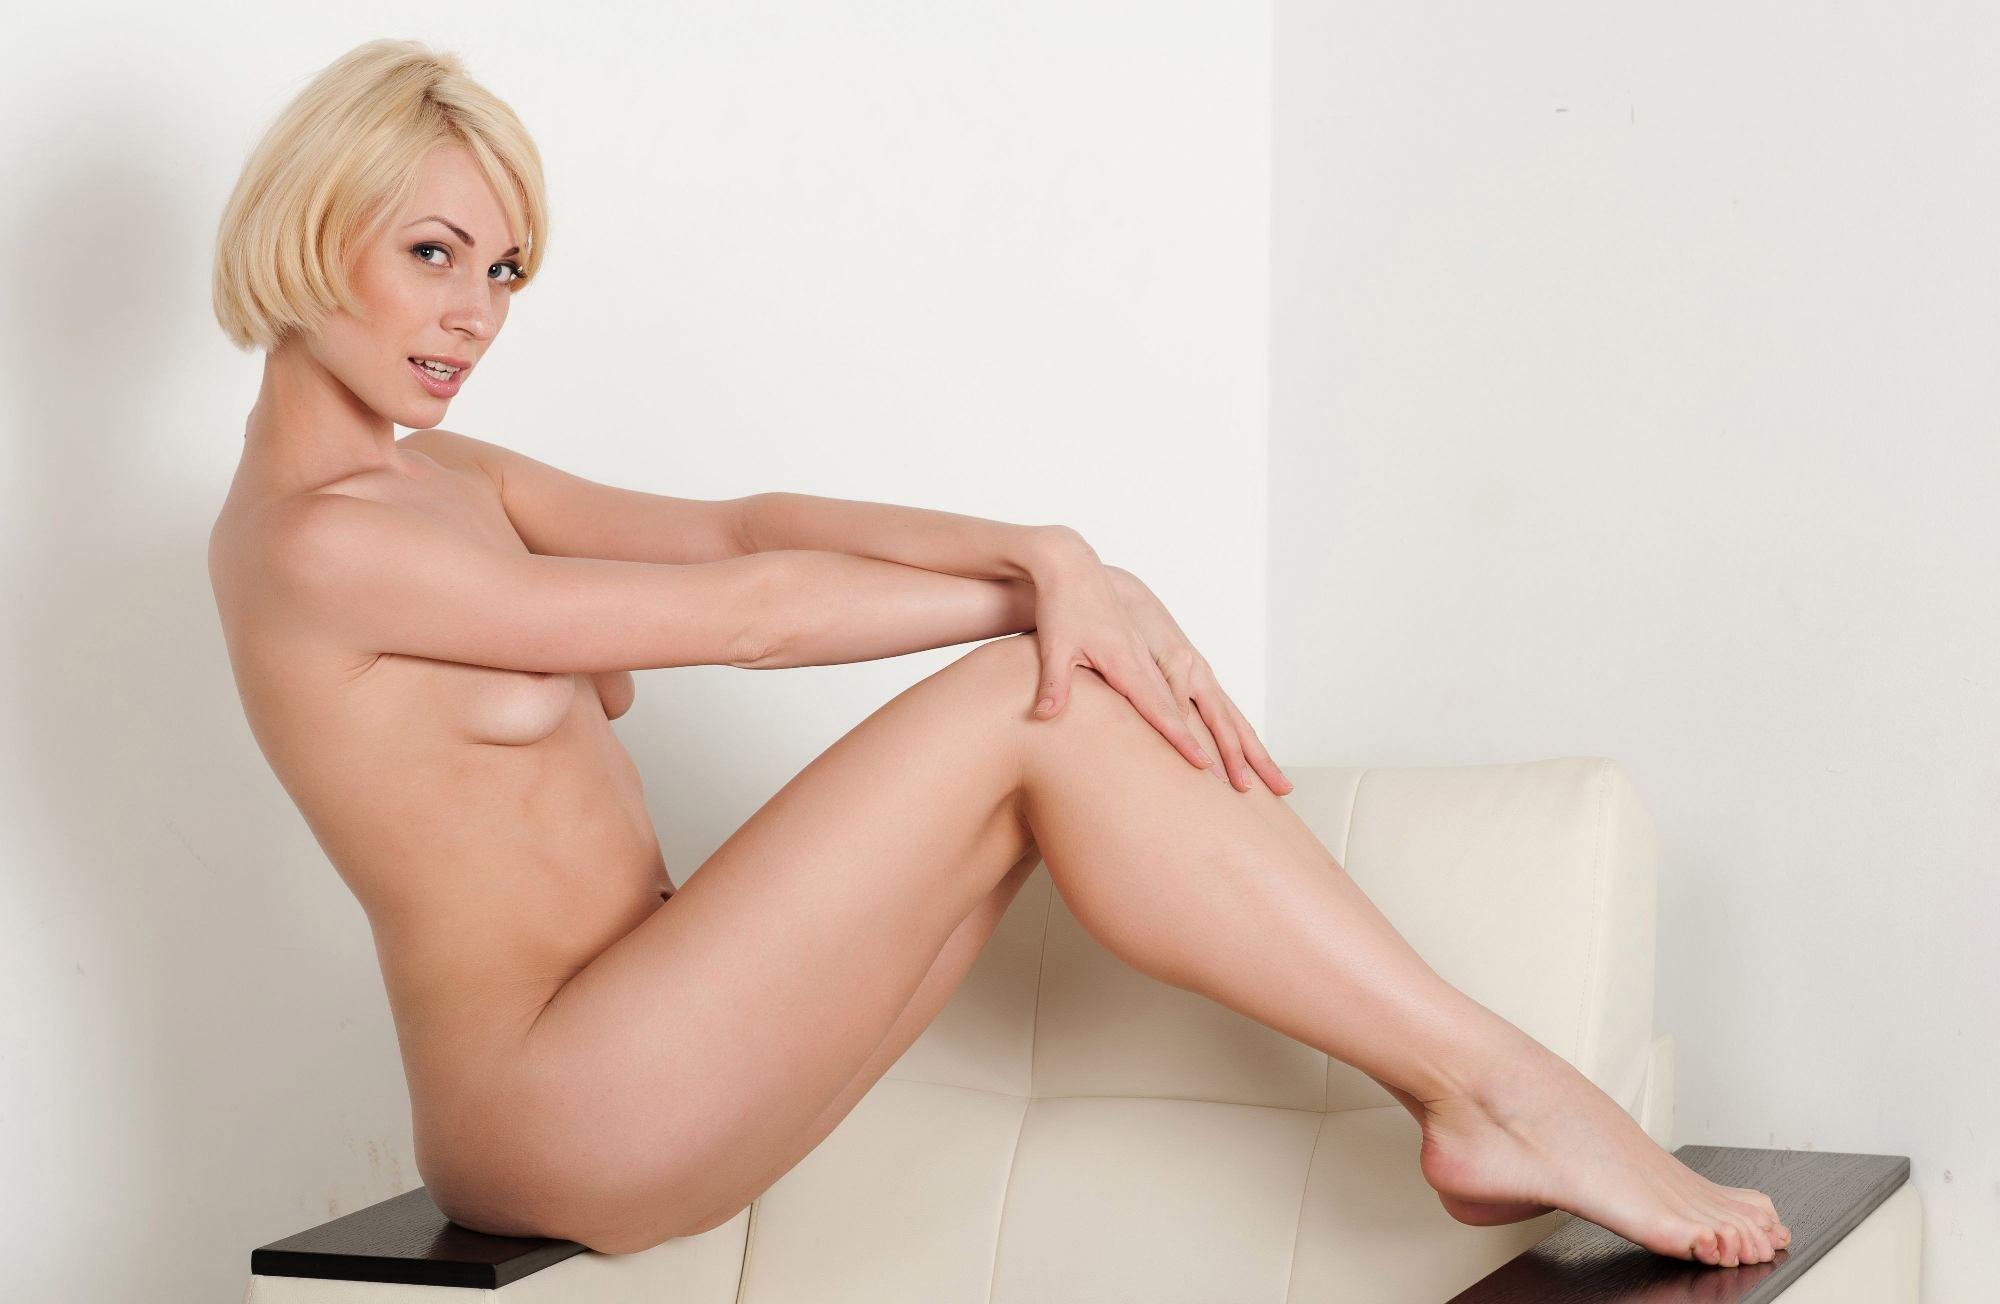 Фото блондинок с каре порно, Голая блондинка со стрижкой по каре 11 фотография